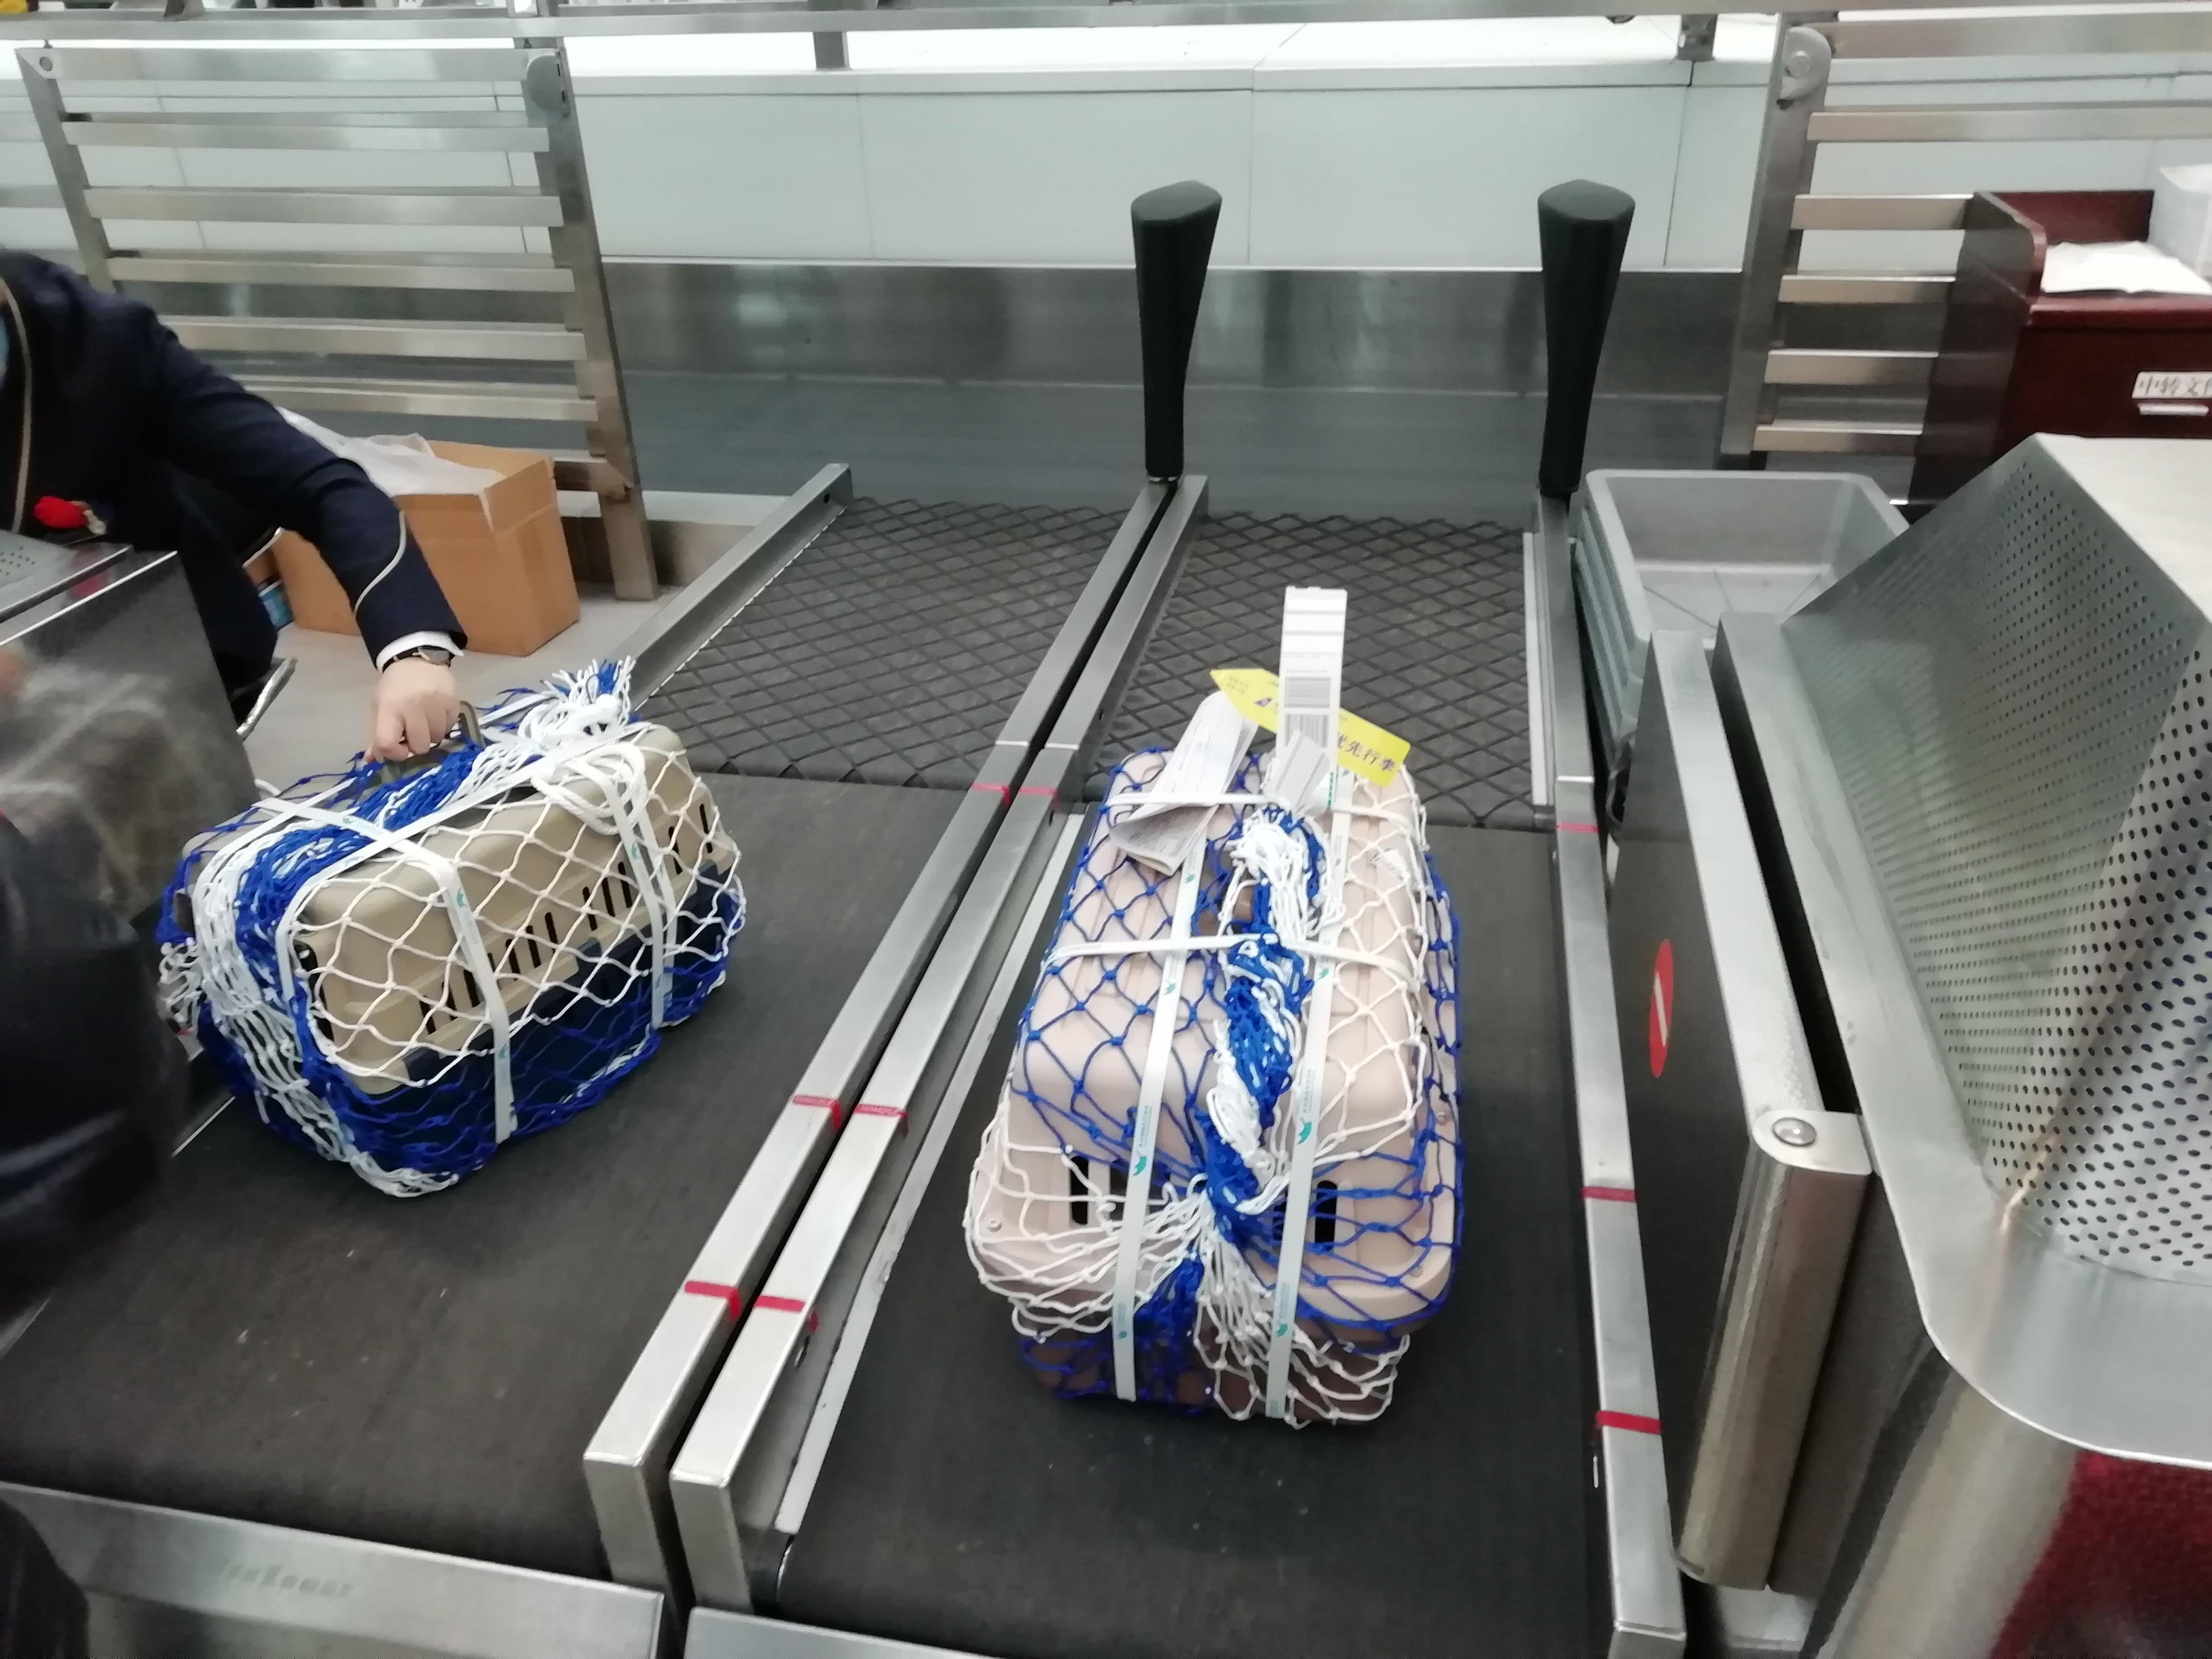 广州宠物托运前要做哪些事前准备?